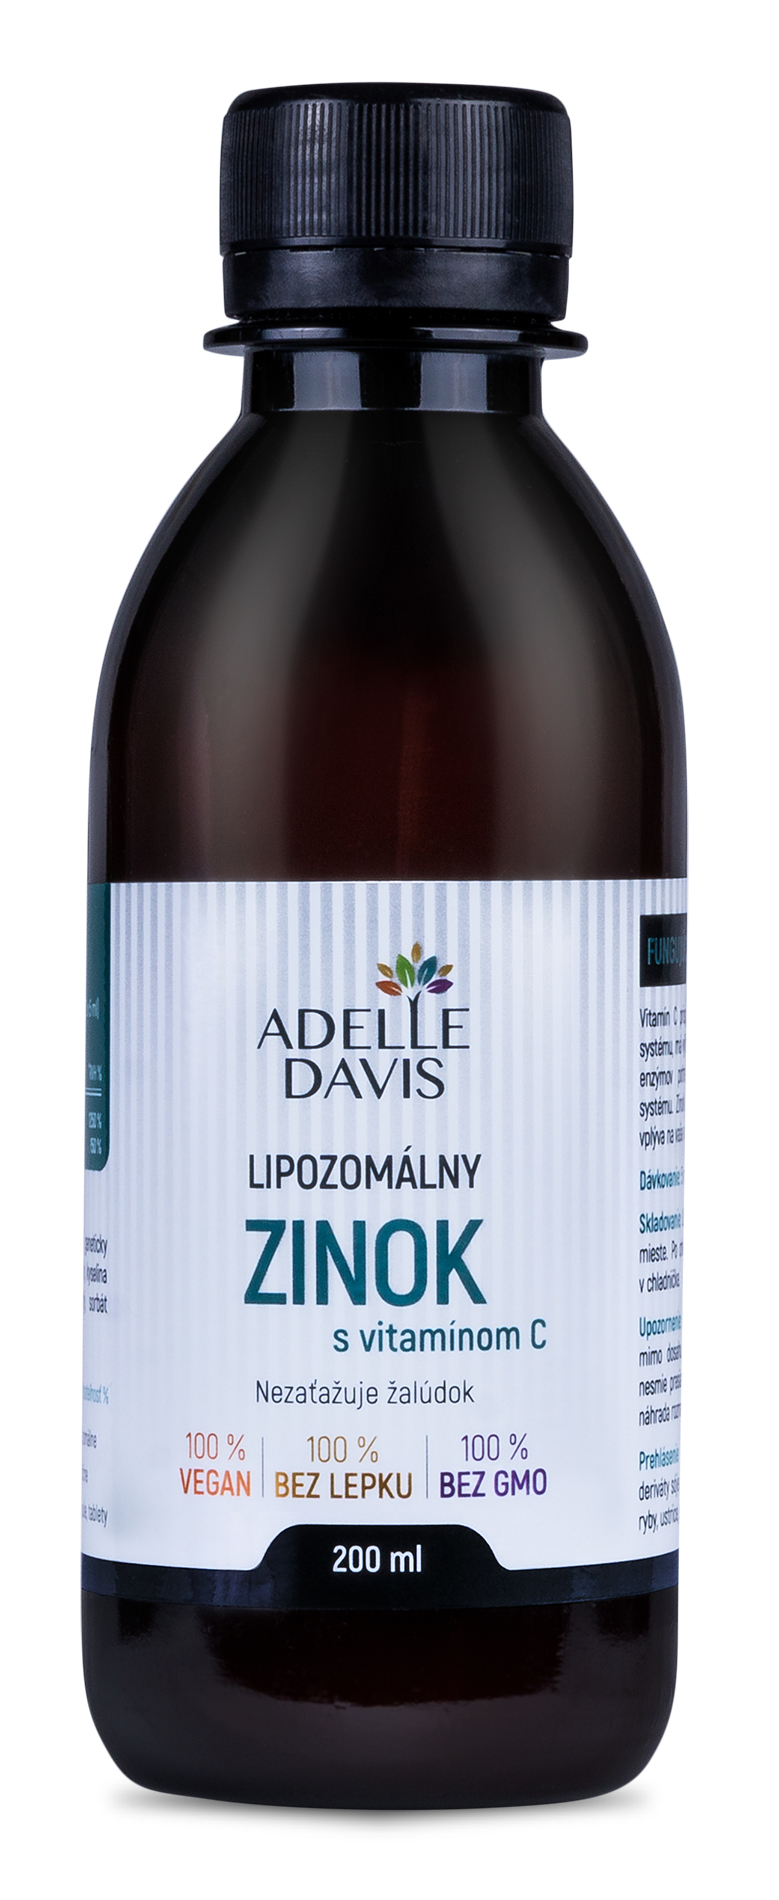 Adelle Davis - Lipozomálny zinok, 200 ml